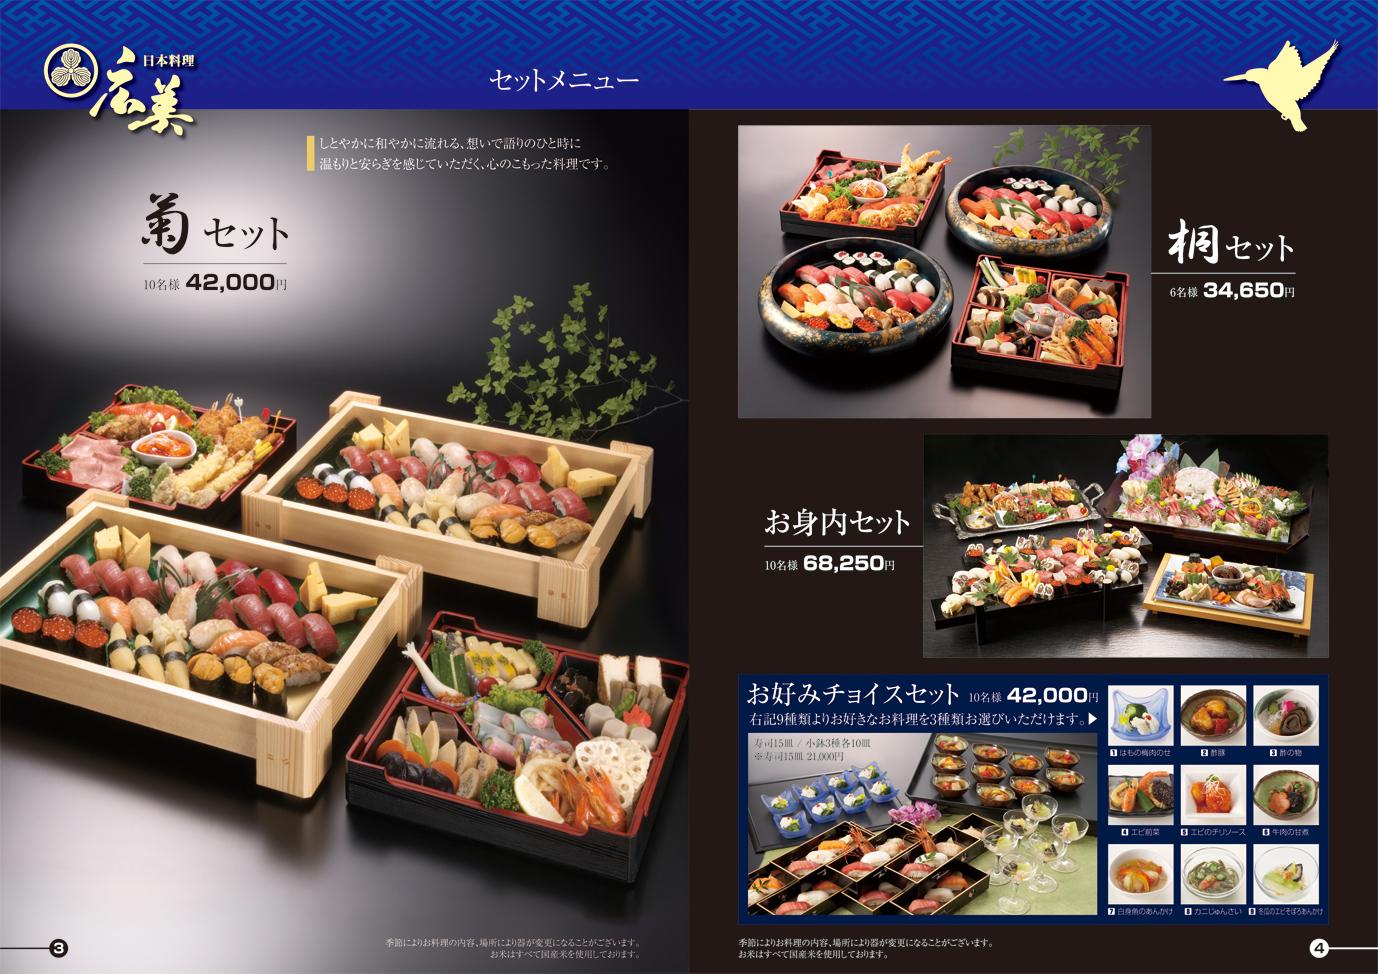 横浜市ケータリング会社様 | 16ページパンフレット